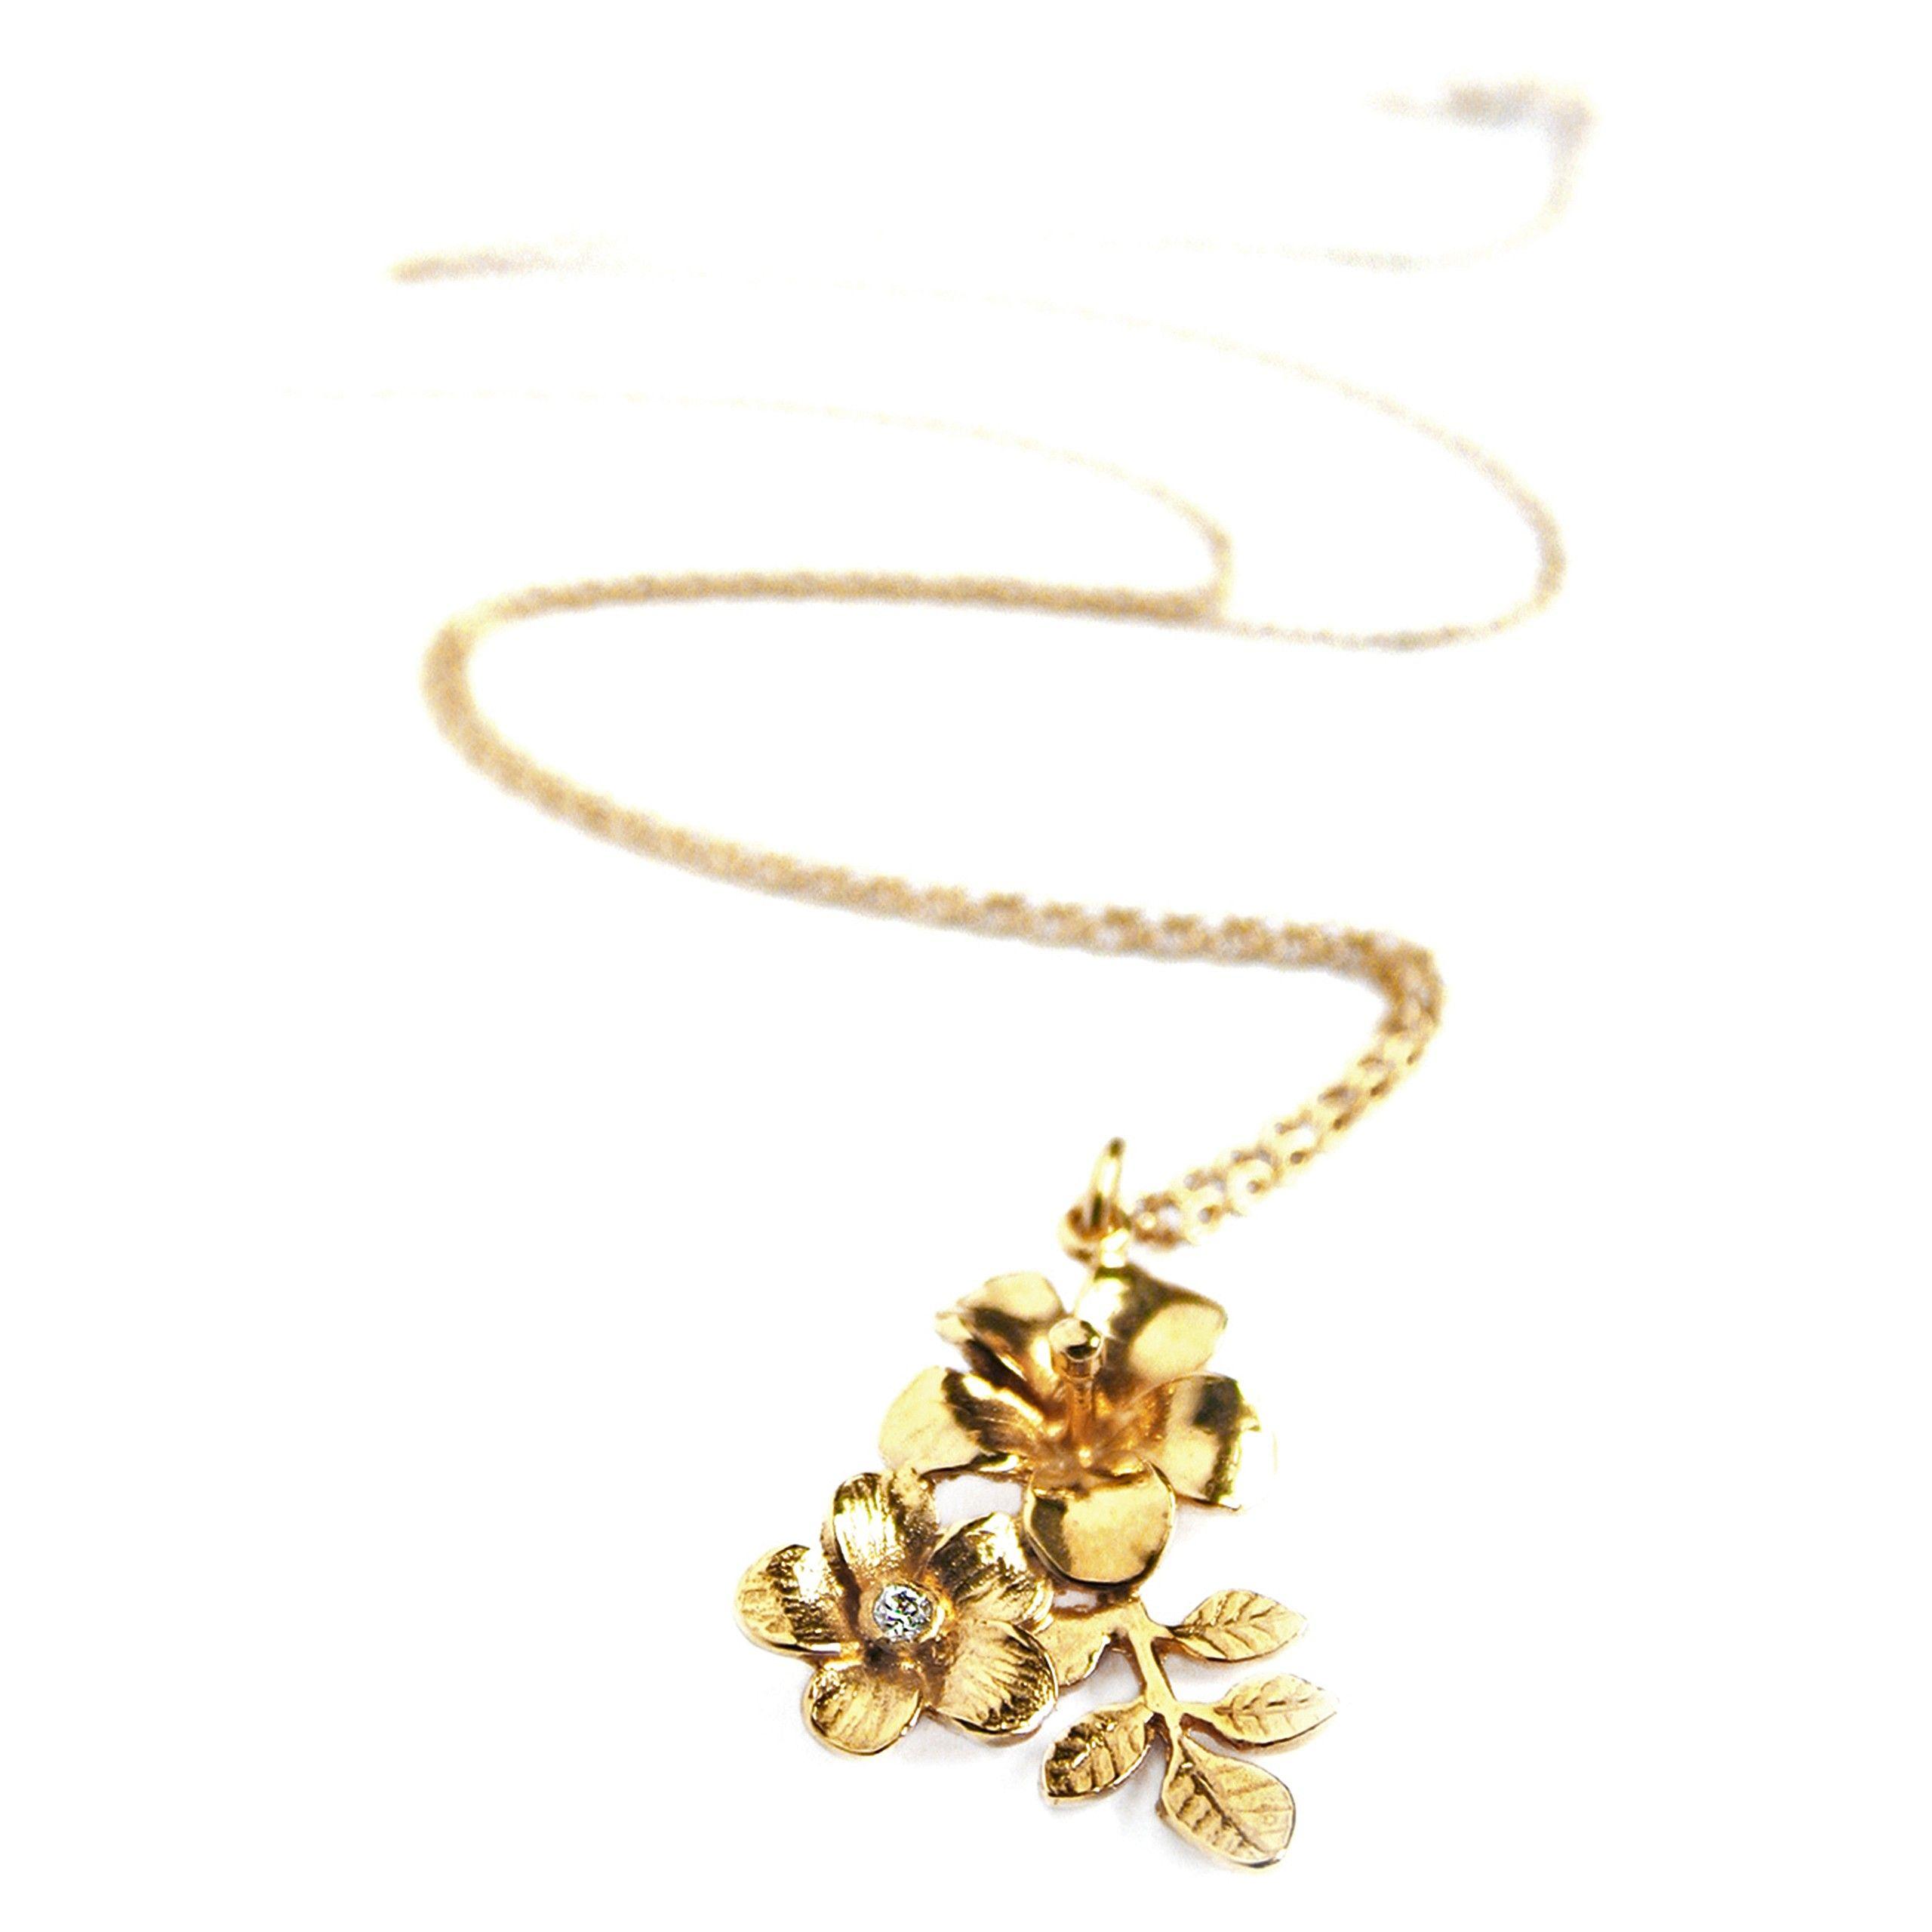 Vintage Style Flower & Leaf Pendant Set With Diamond All